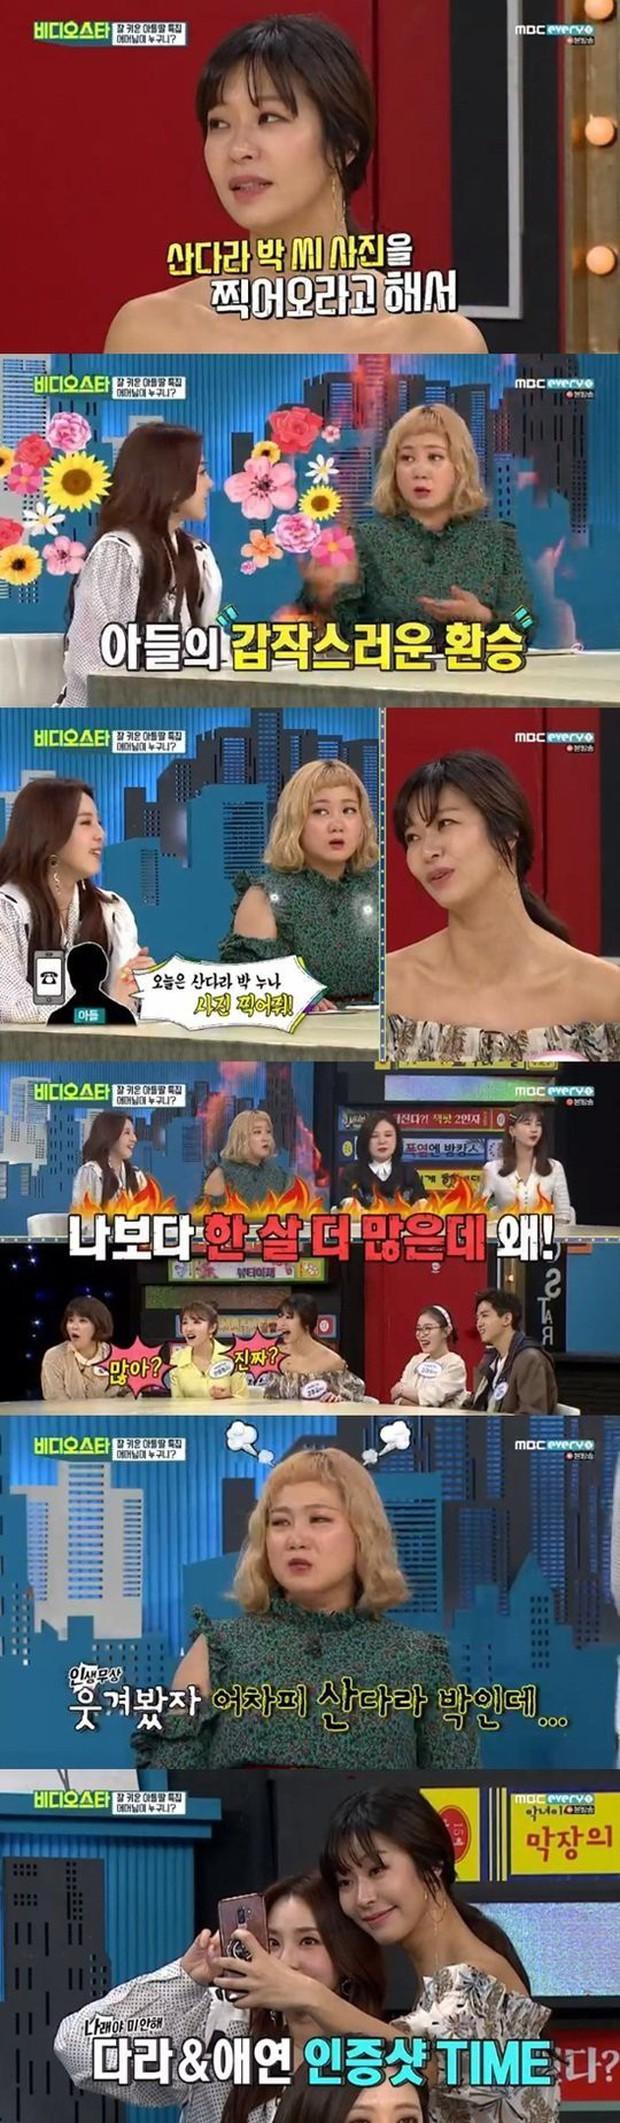 Nữ diễn viên hài lẫy khi không ai nhận ra cô nhỏ tuổi hơn Dara! - Ảnh 1.